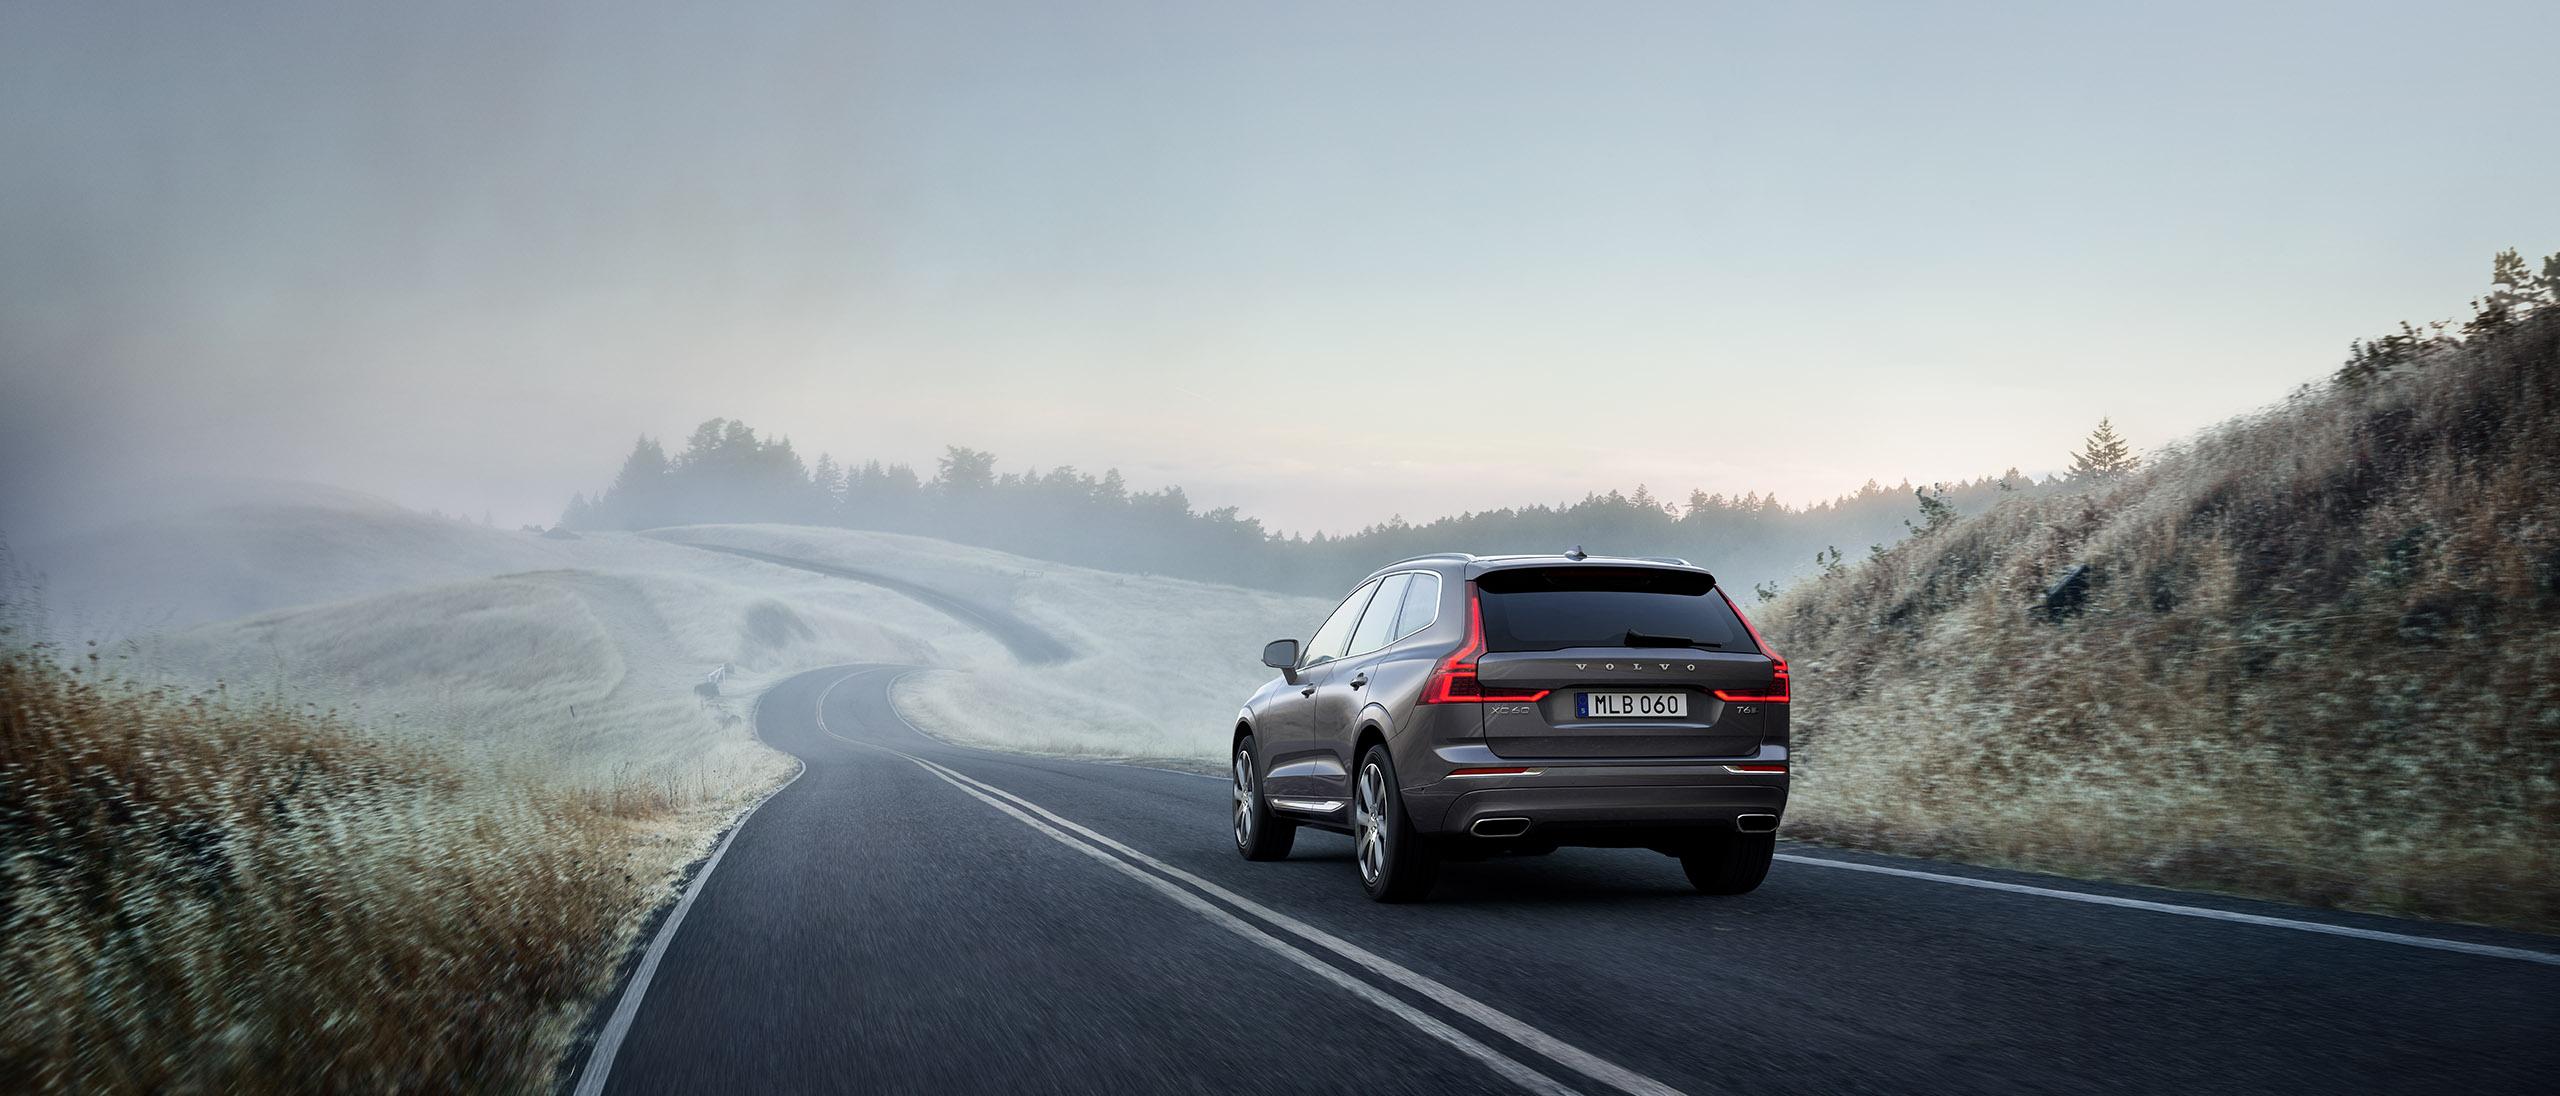 Un Volvo XC60 gris viaja por una carretera rural rodeada de campos abiertos al amanecer